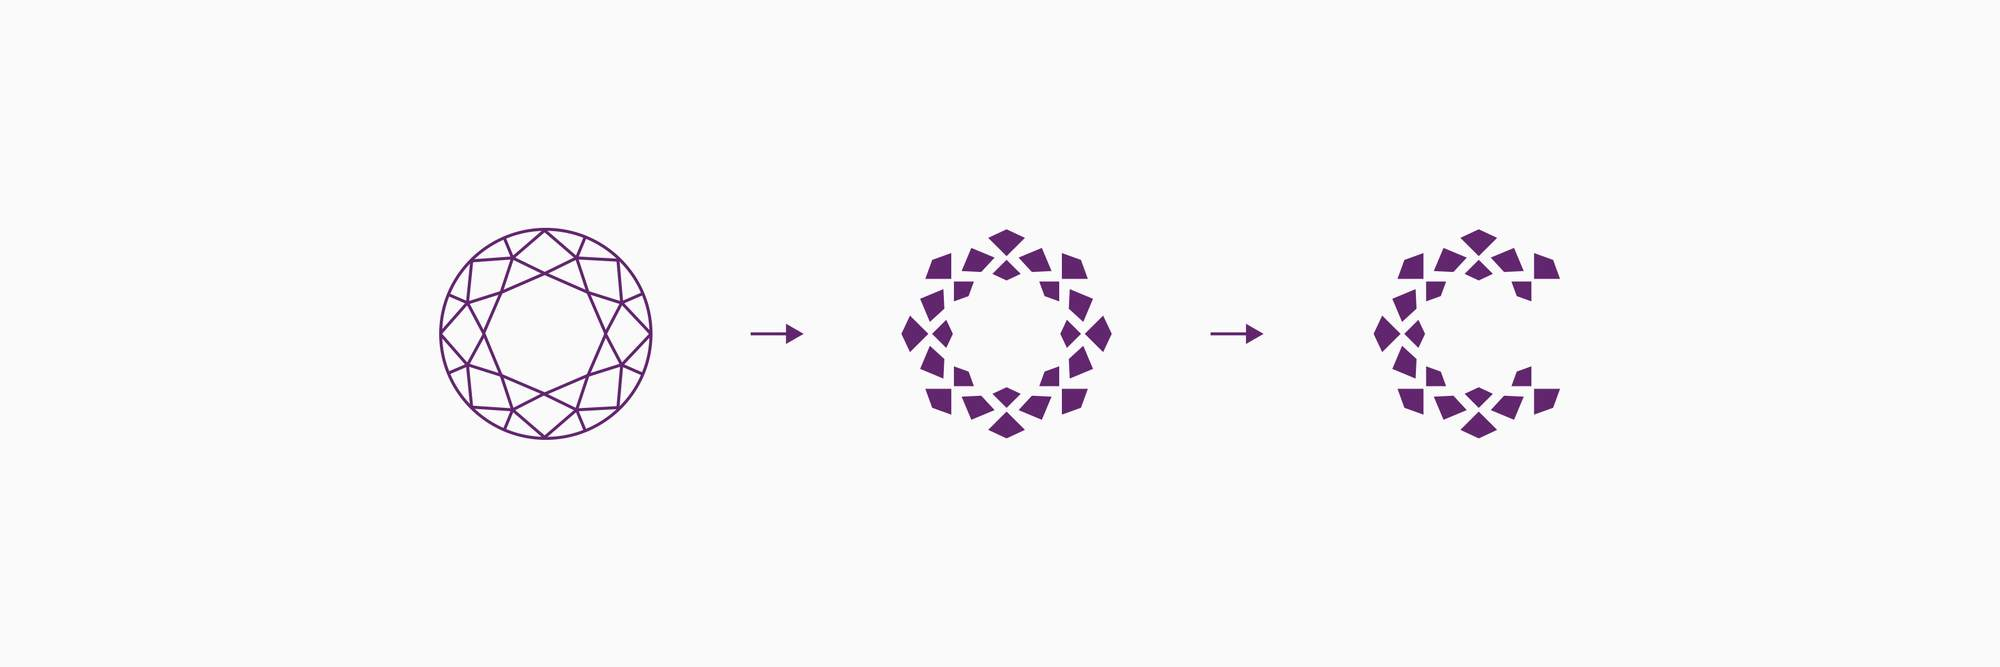 logo-concept.jpg